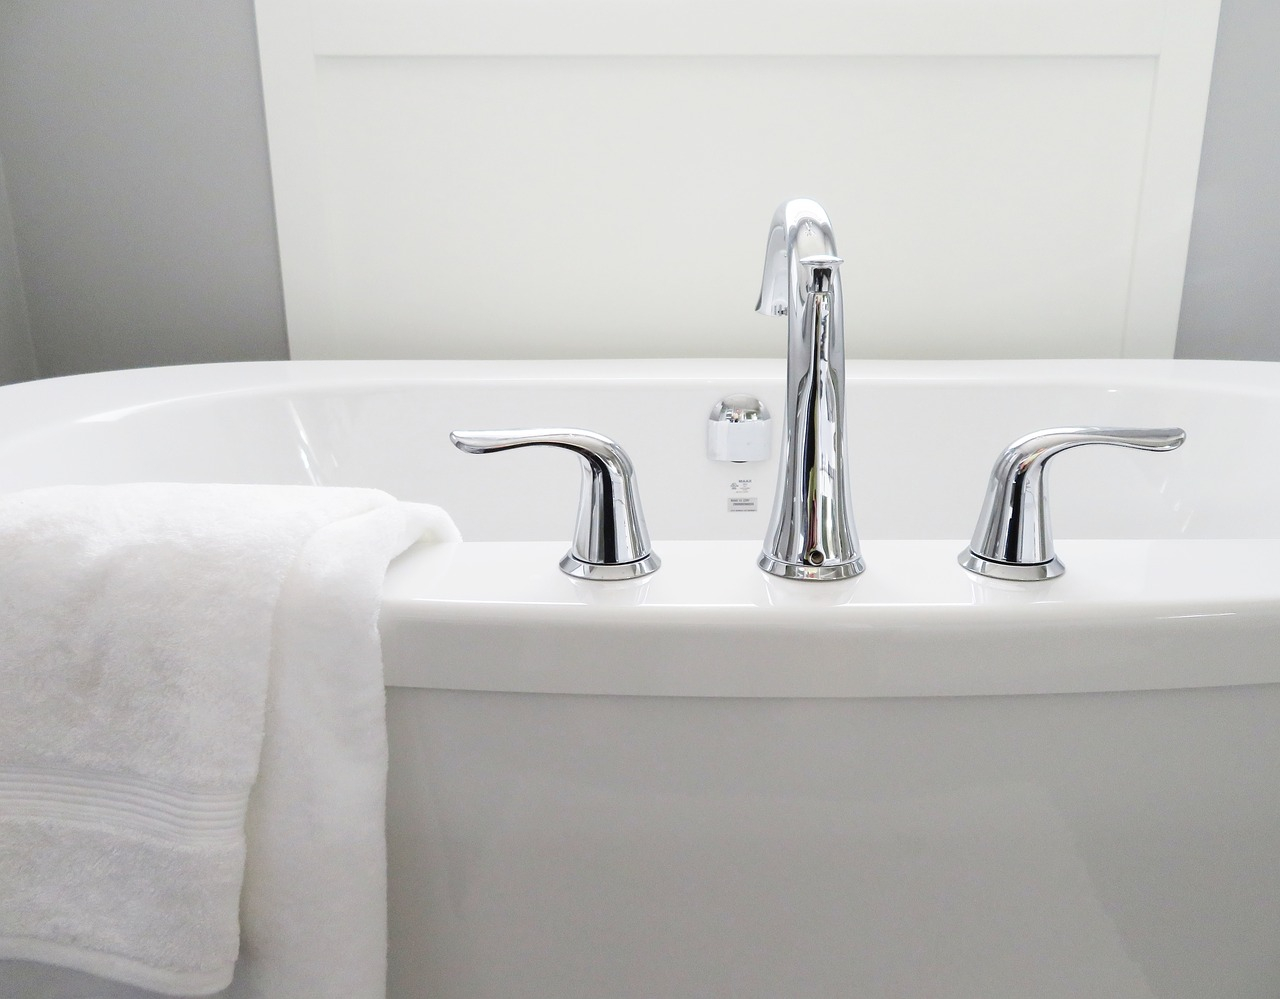 Vasca Da Bagno Handicappati : Vasche da bagno per anziani e disabili scegliere il modello giusto